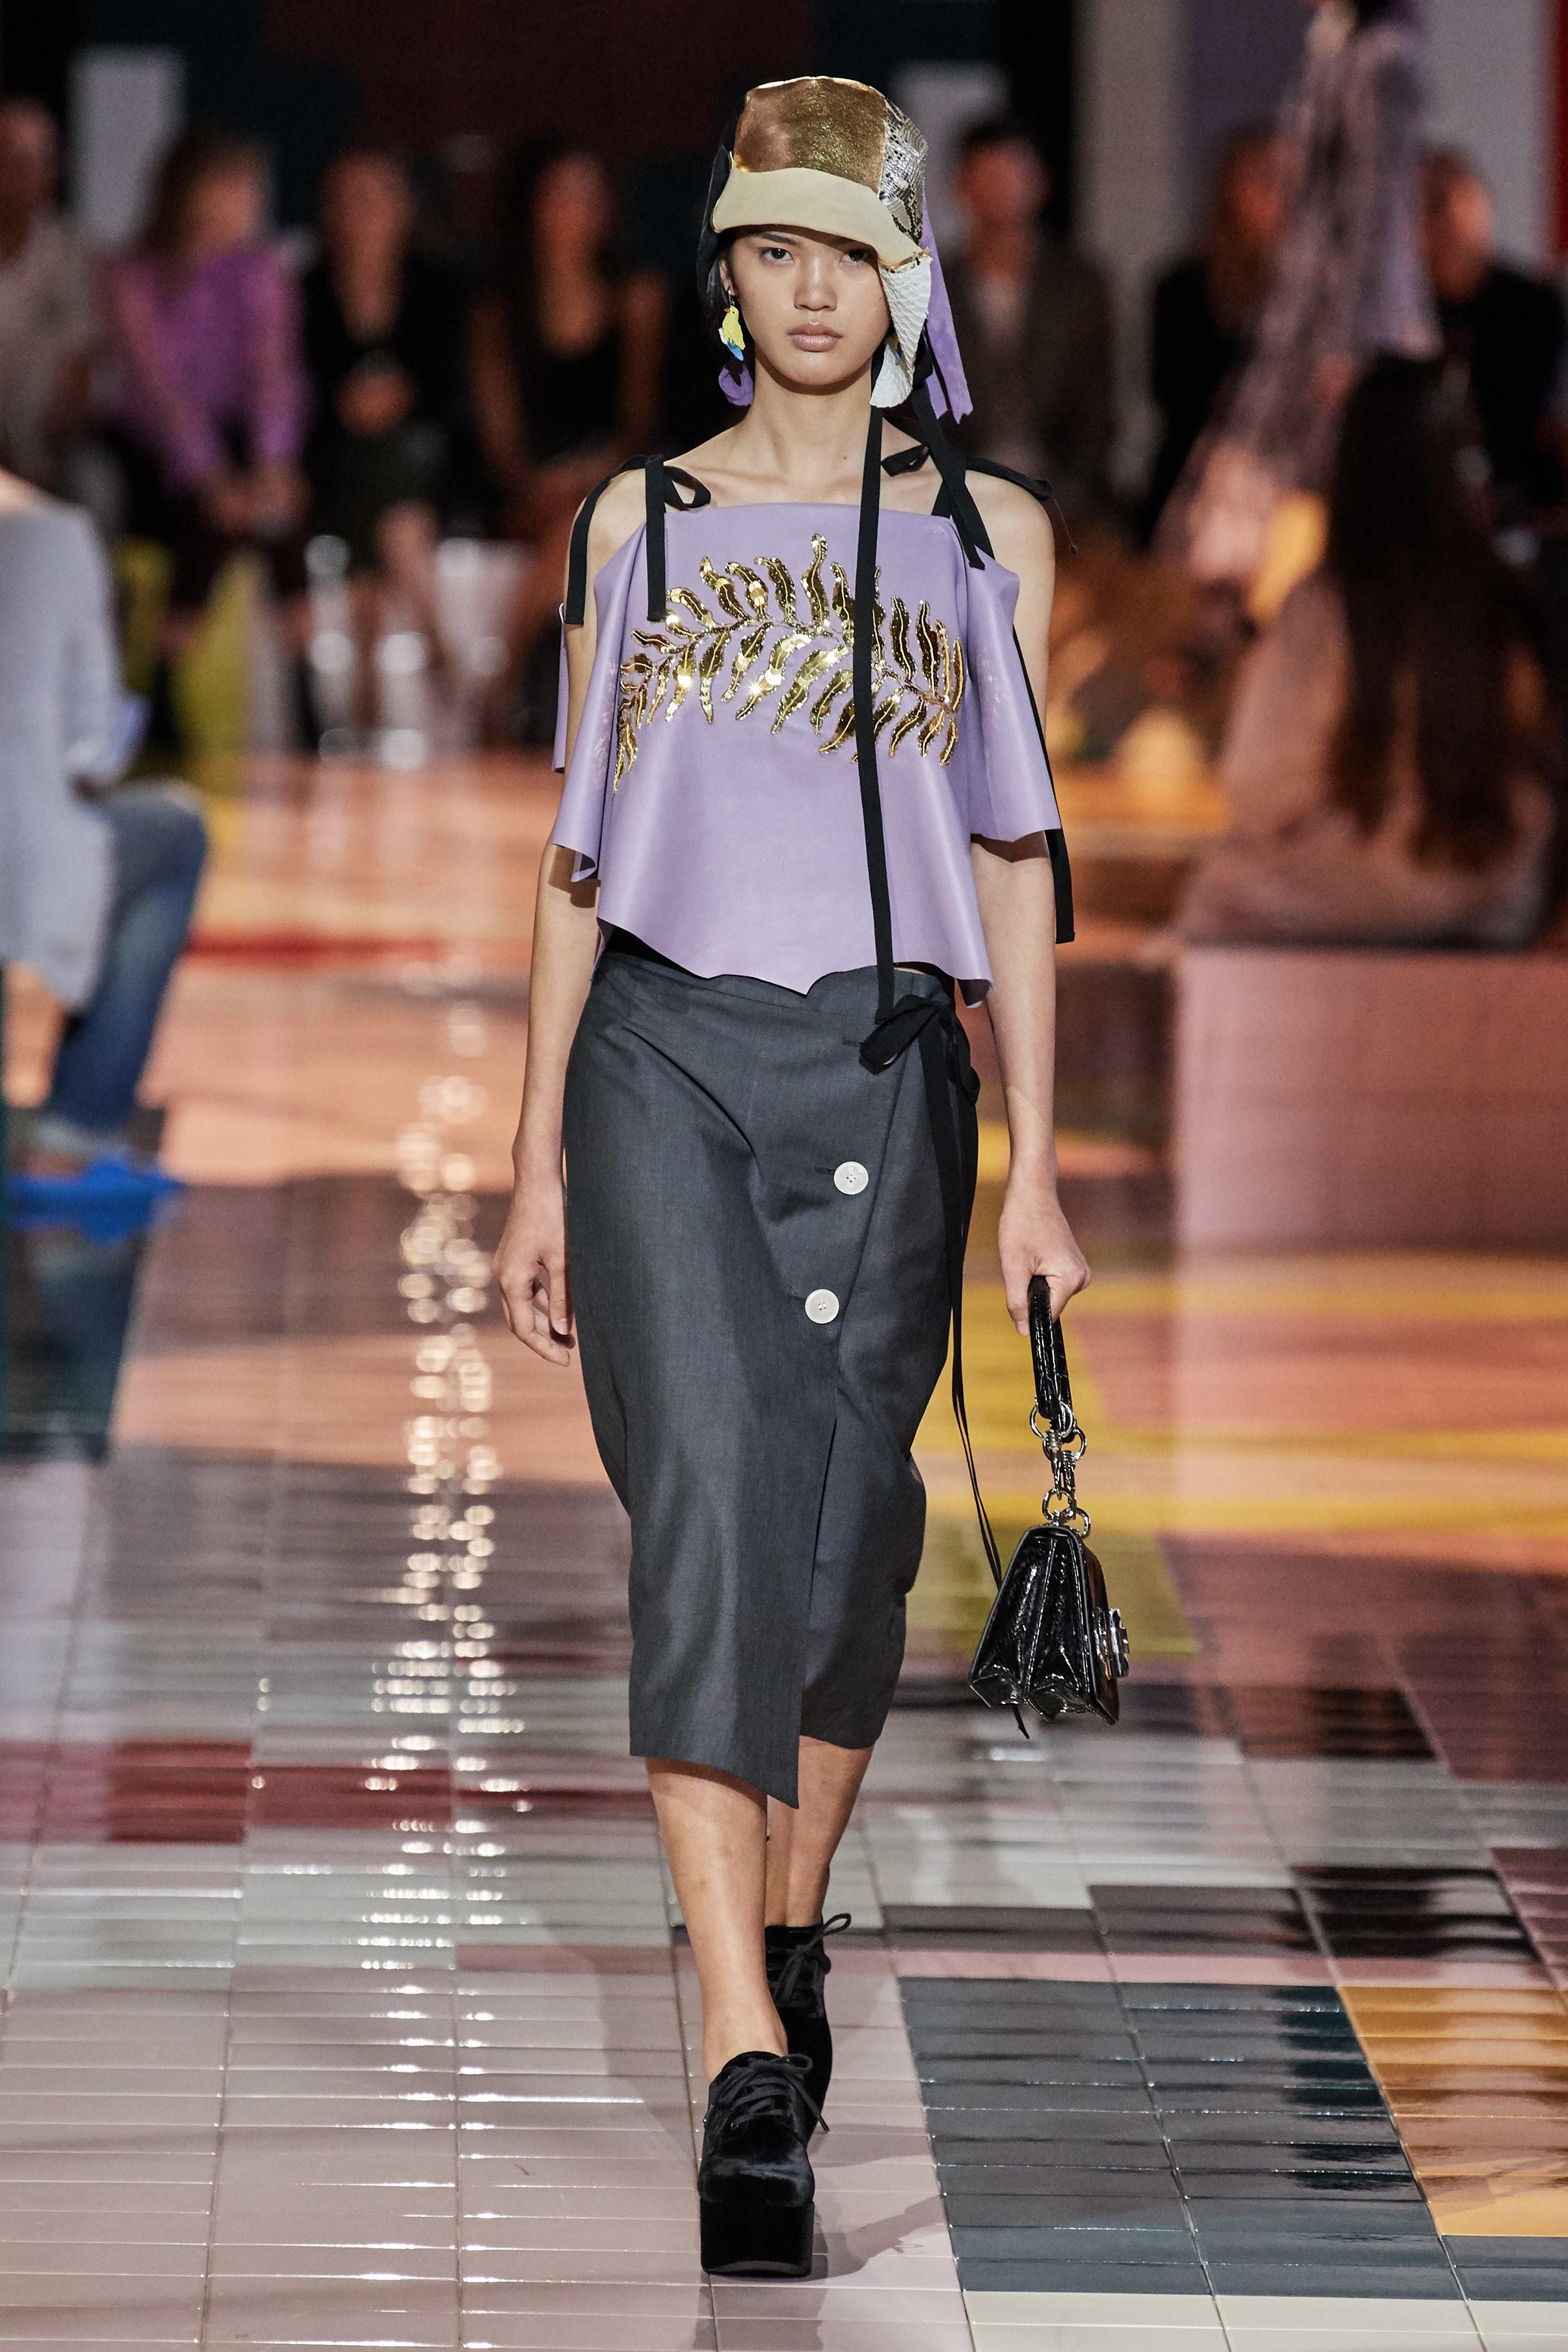 chân váy và áo màu tím bộ sưu tập prada xuân hè 2020